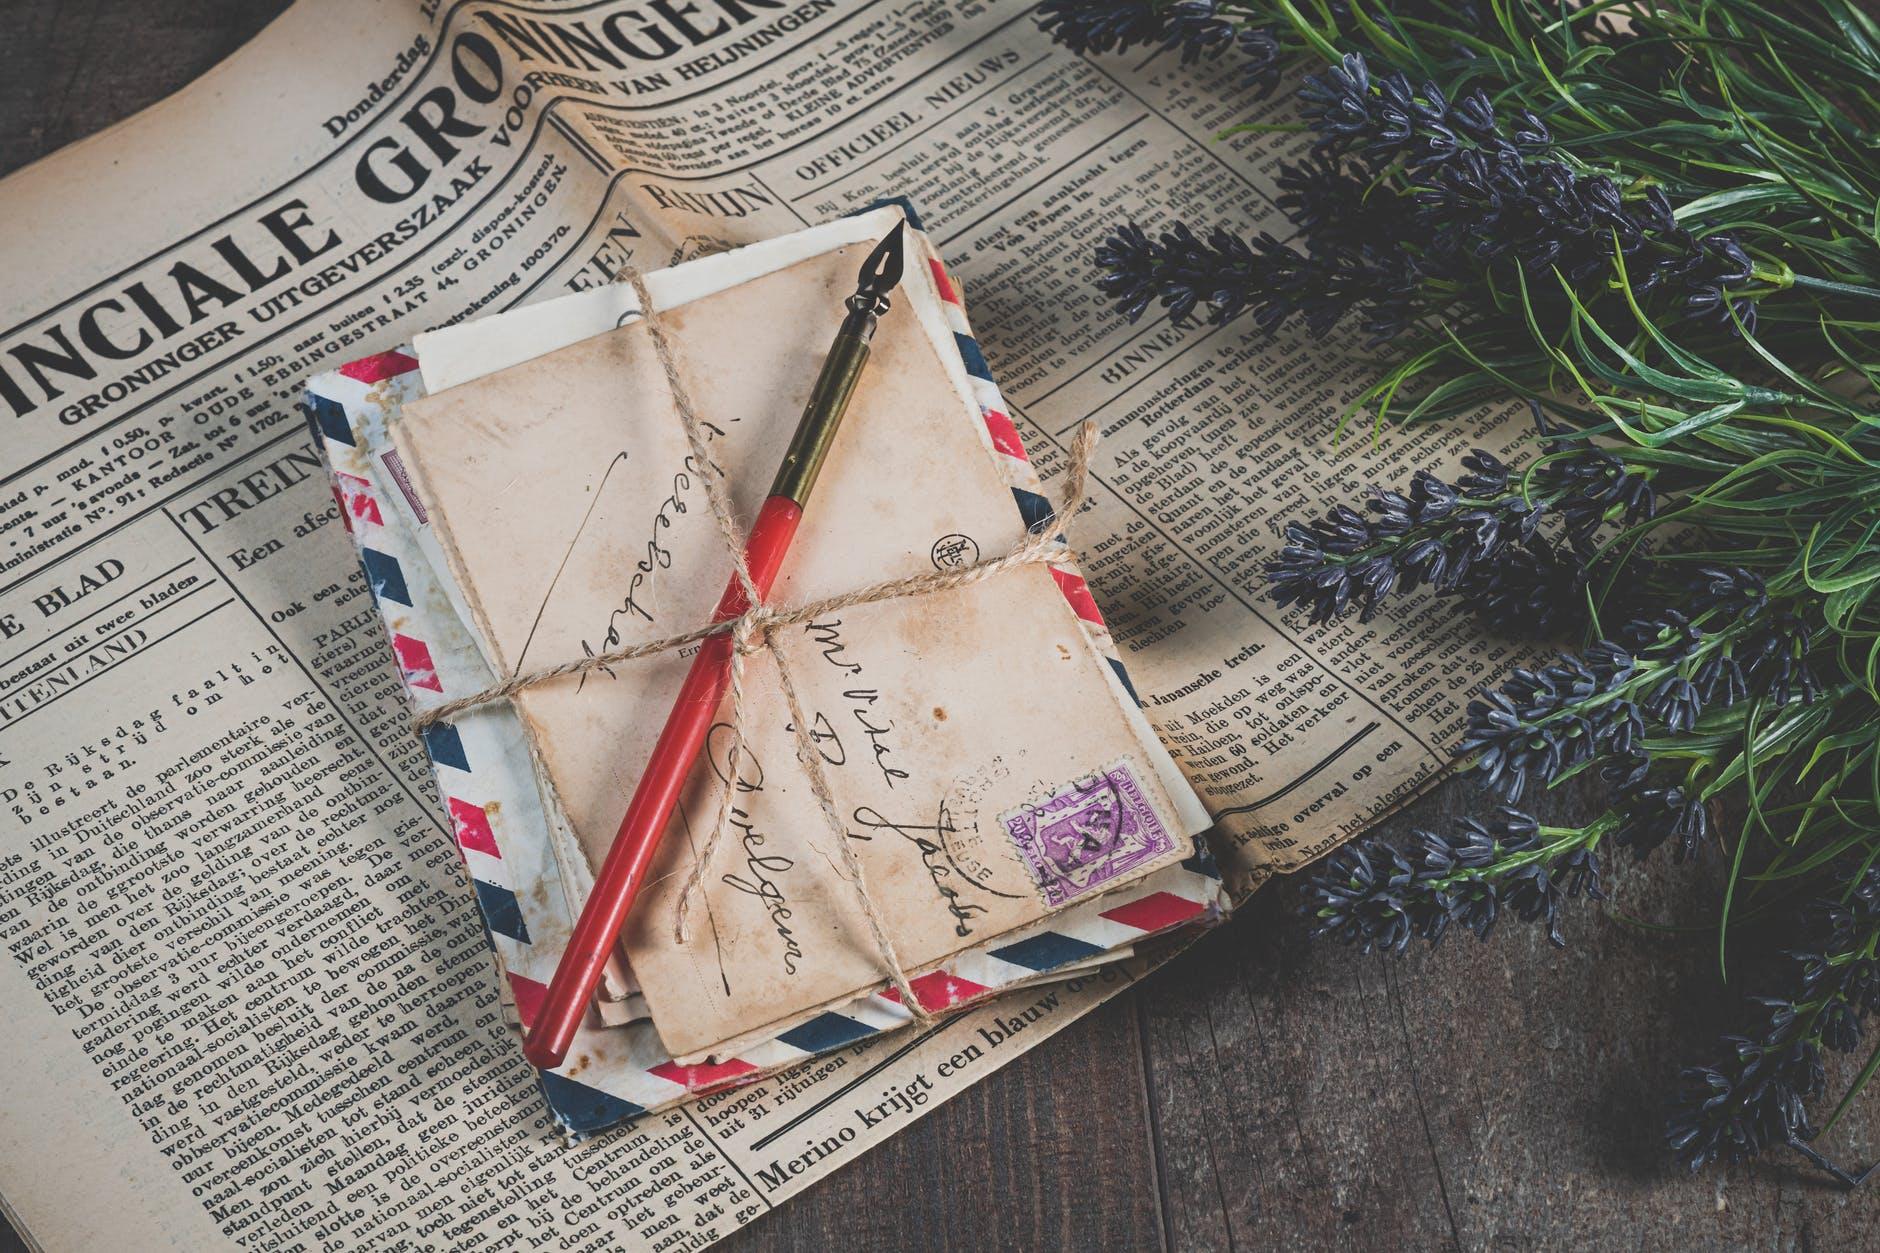 ajándék csomagolási ötletek kreatív újságpapír